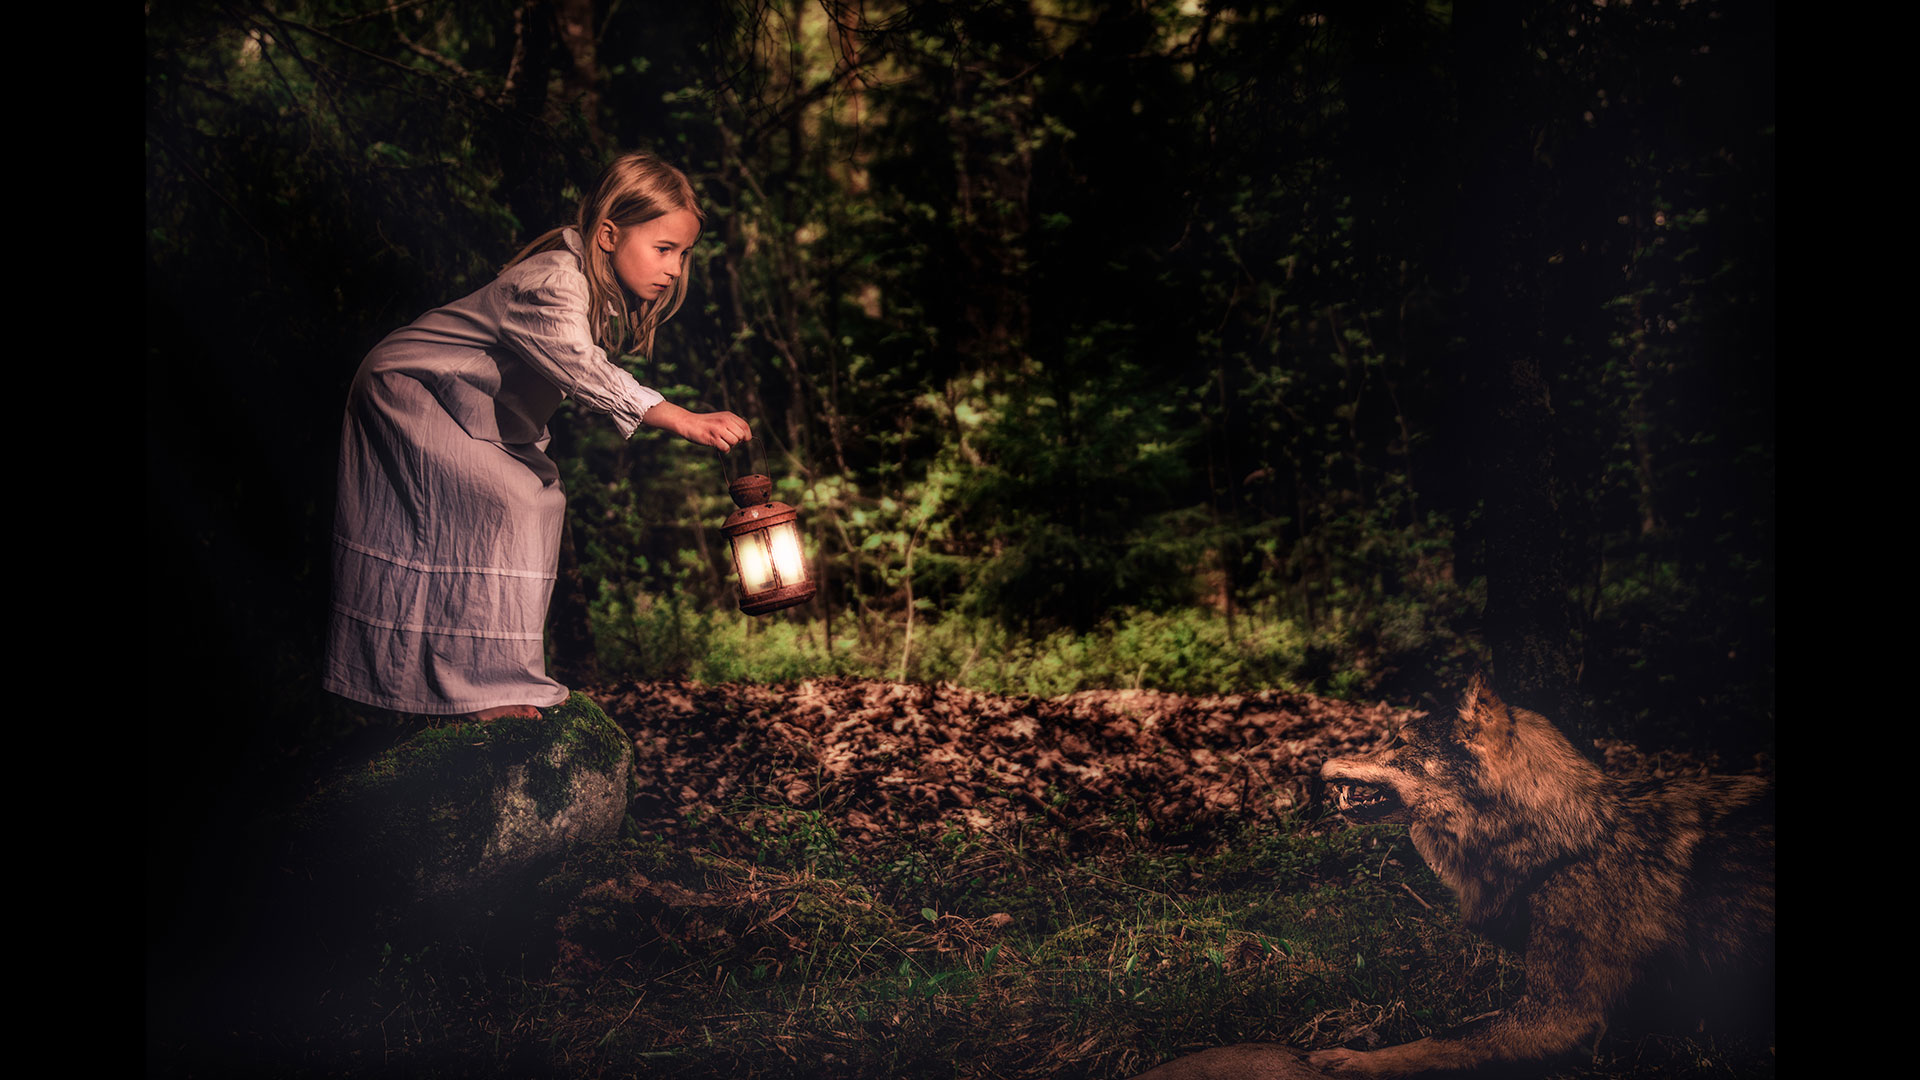 Horror | Photographer: Tomas SalinkaCurator: Bryan Esler